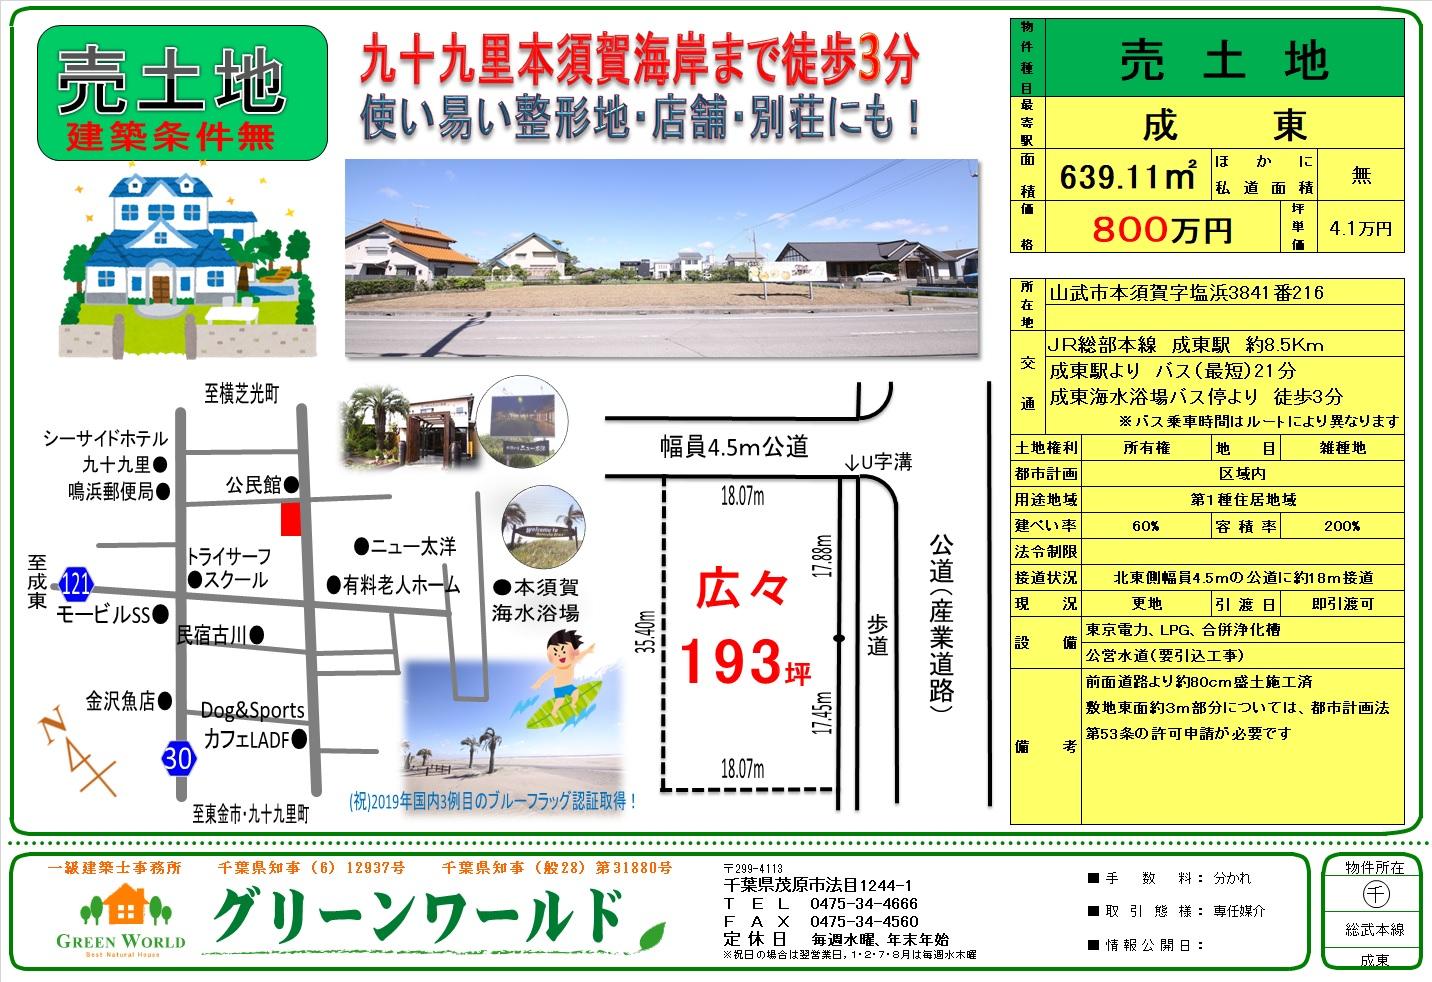 【売土地】山武市本須賀193坪